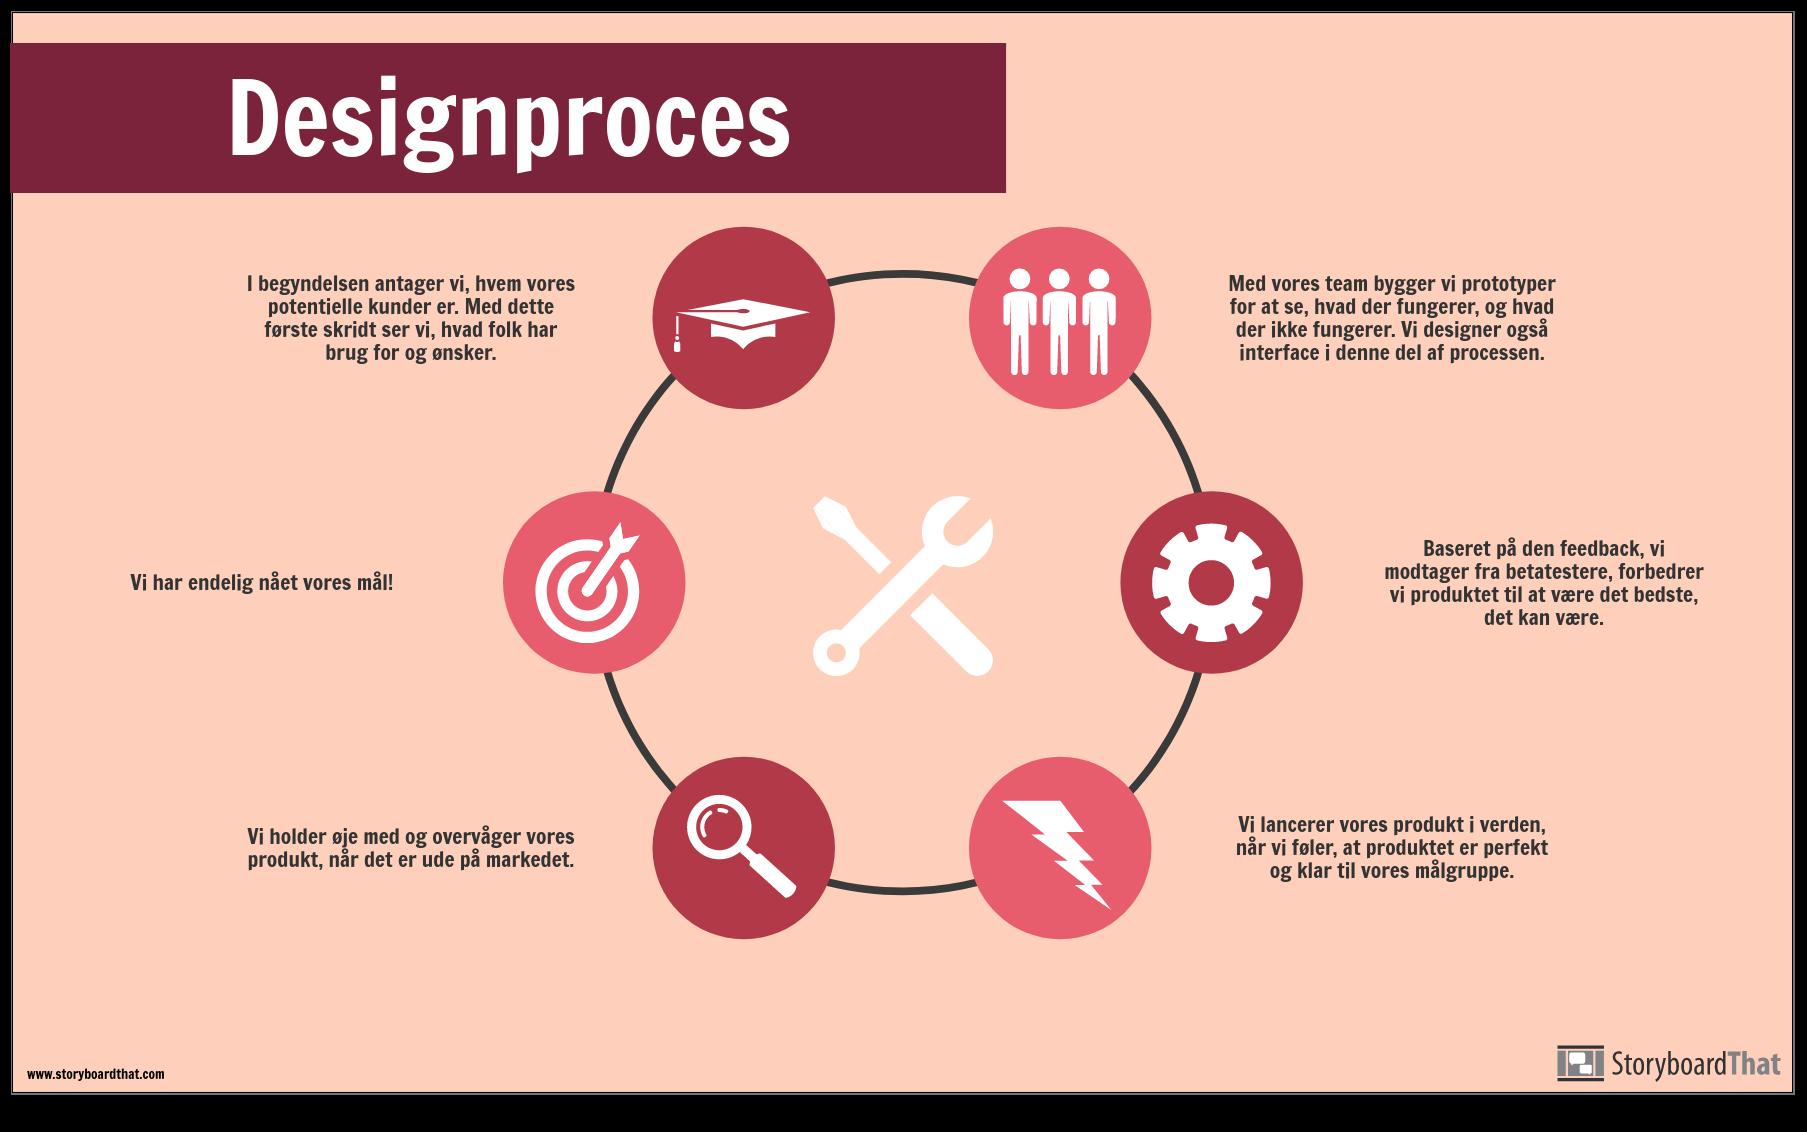 Designproces-eksempel